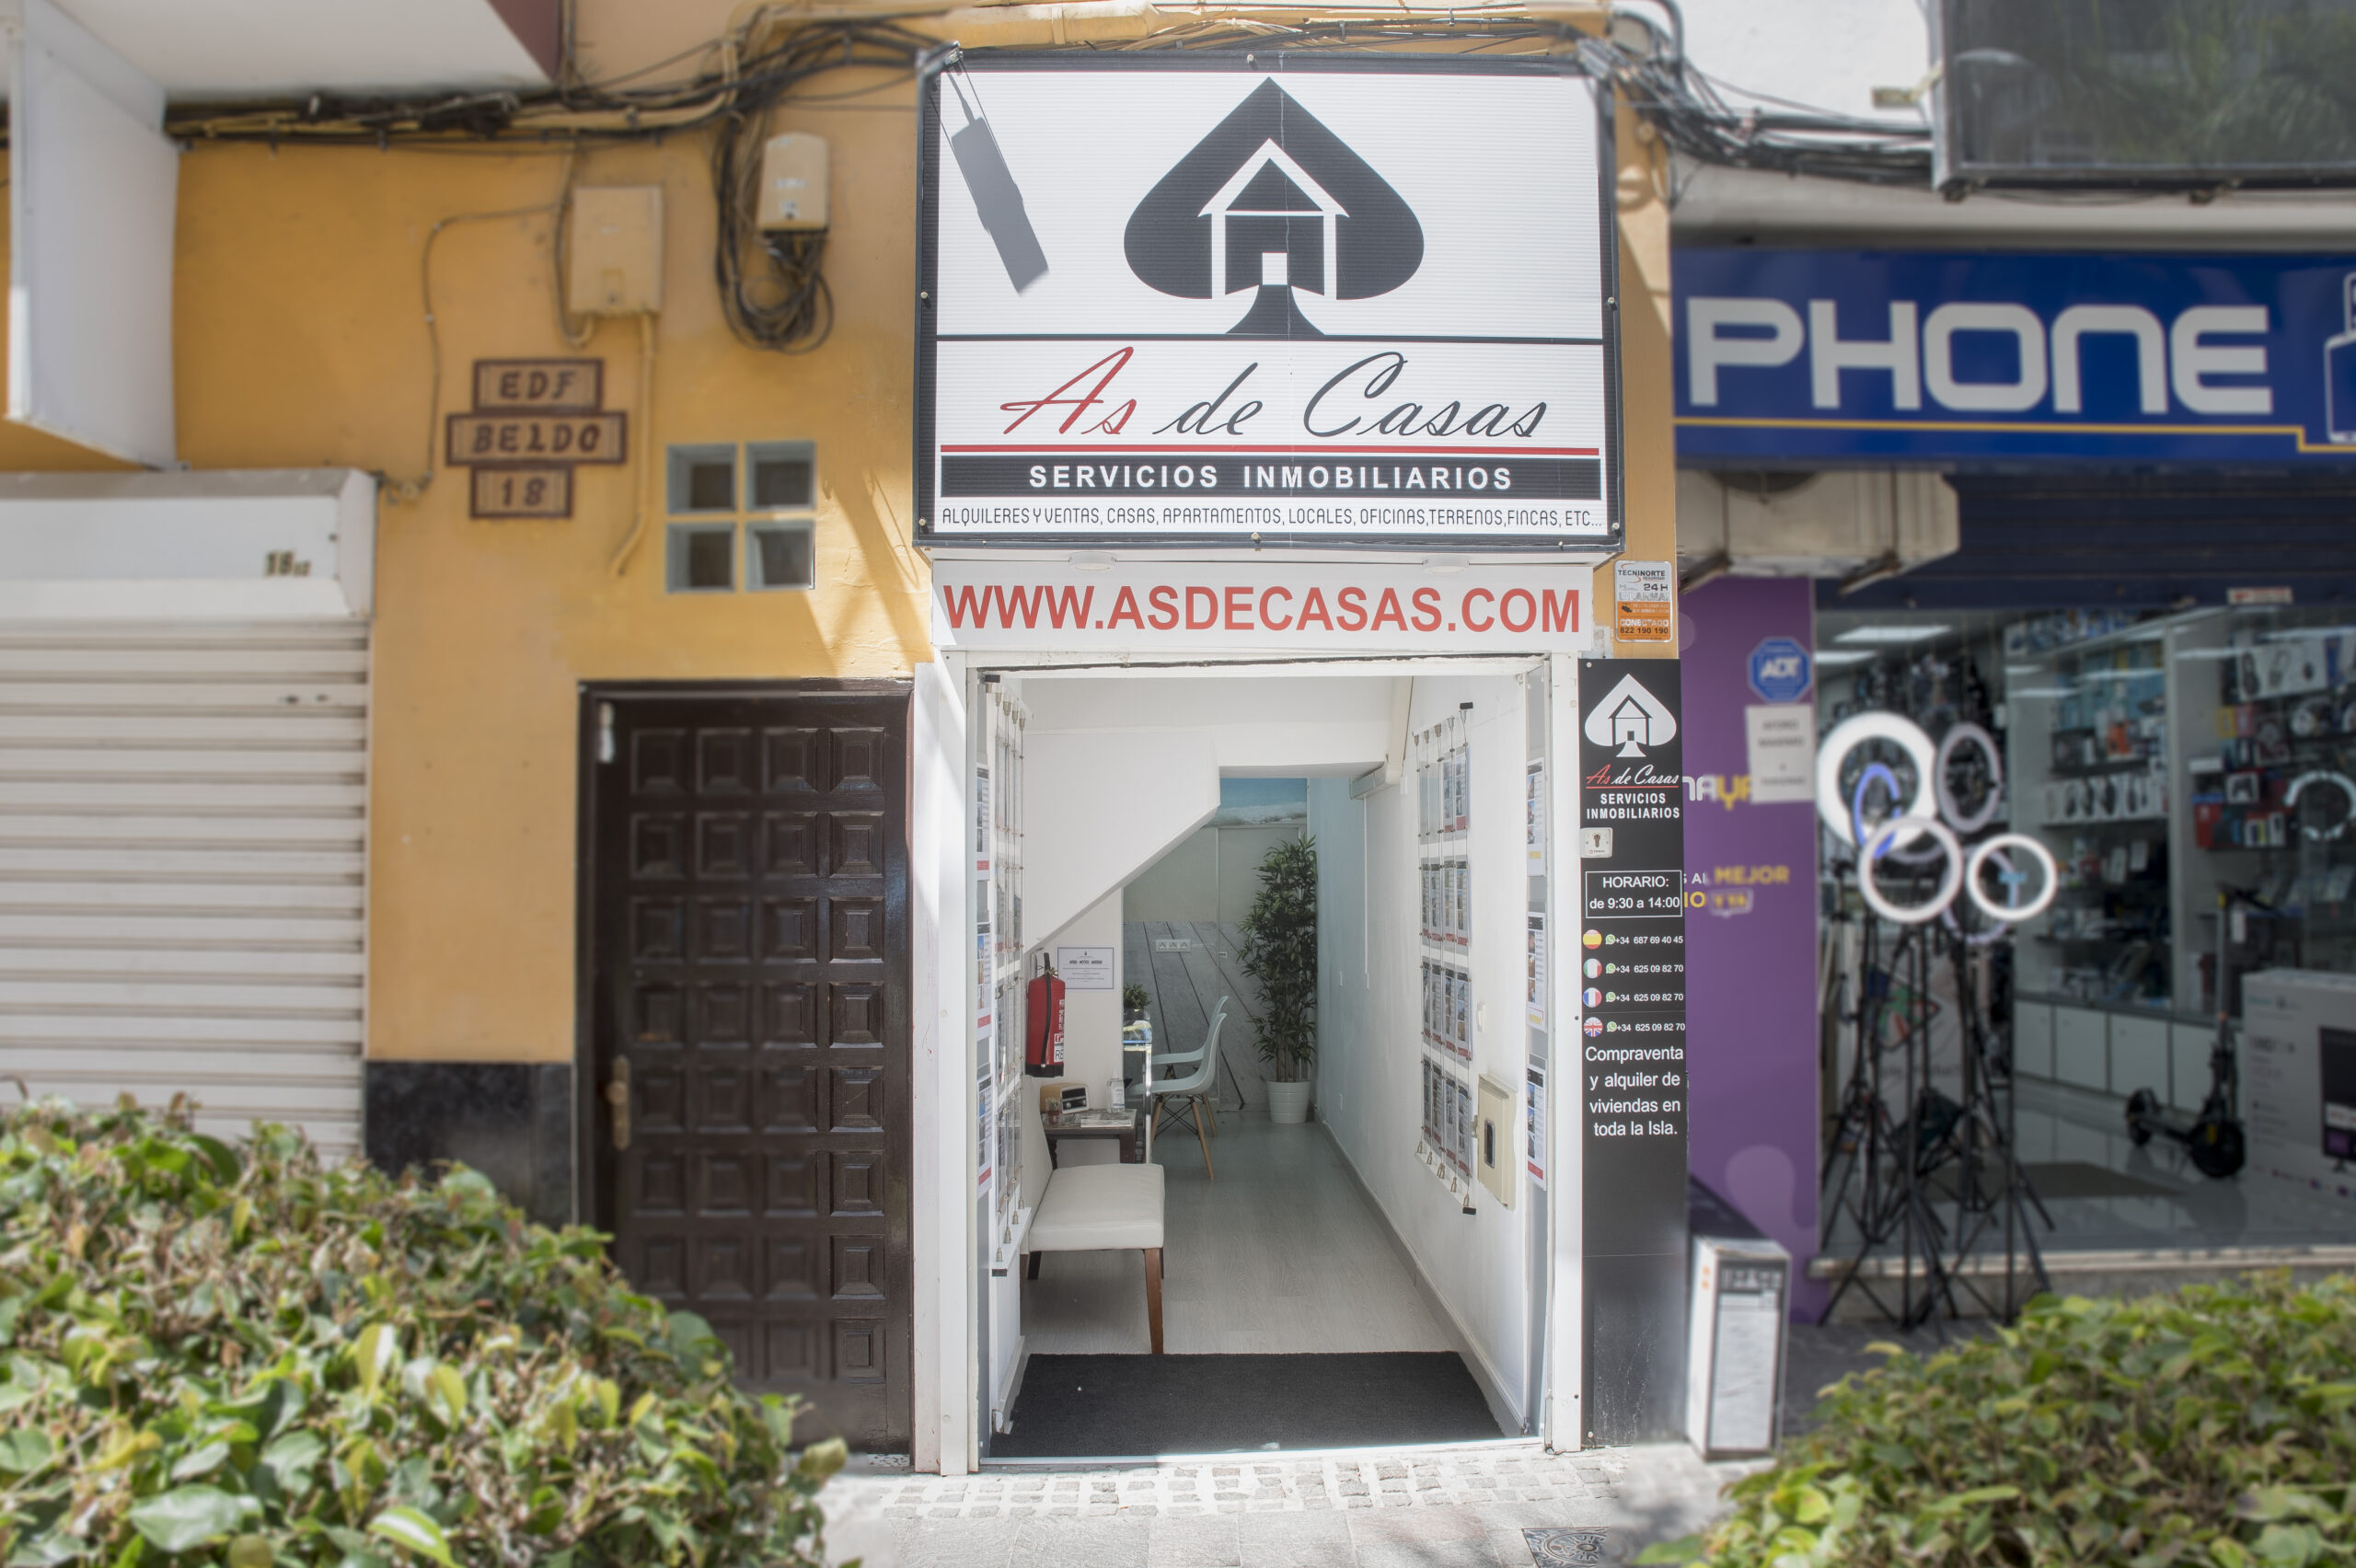 As de Casas